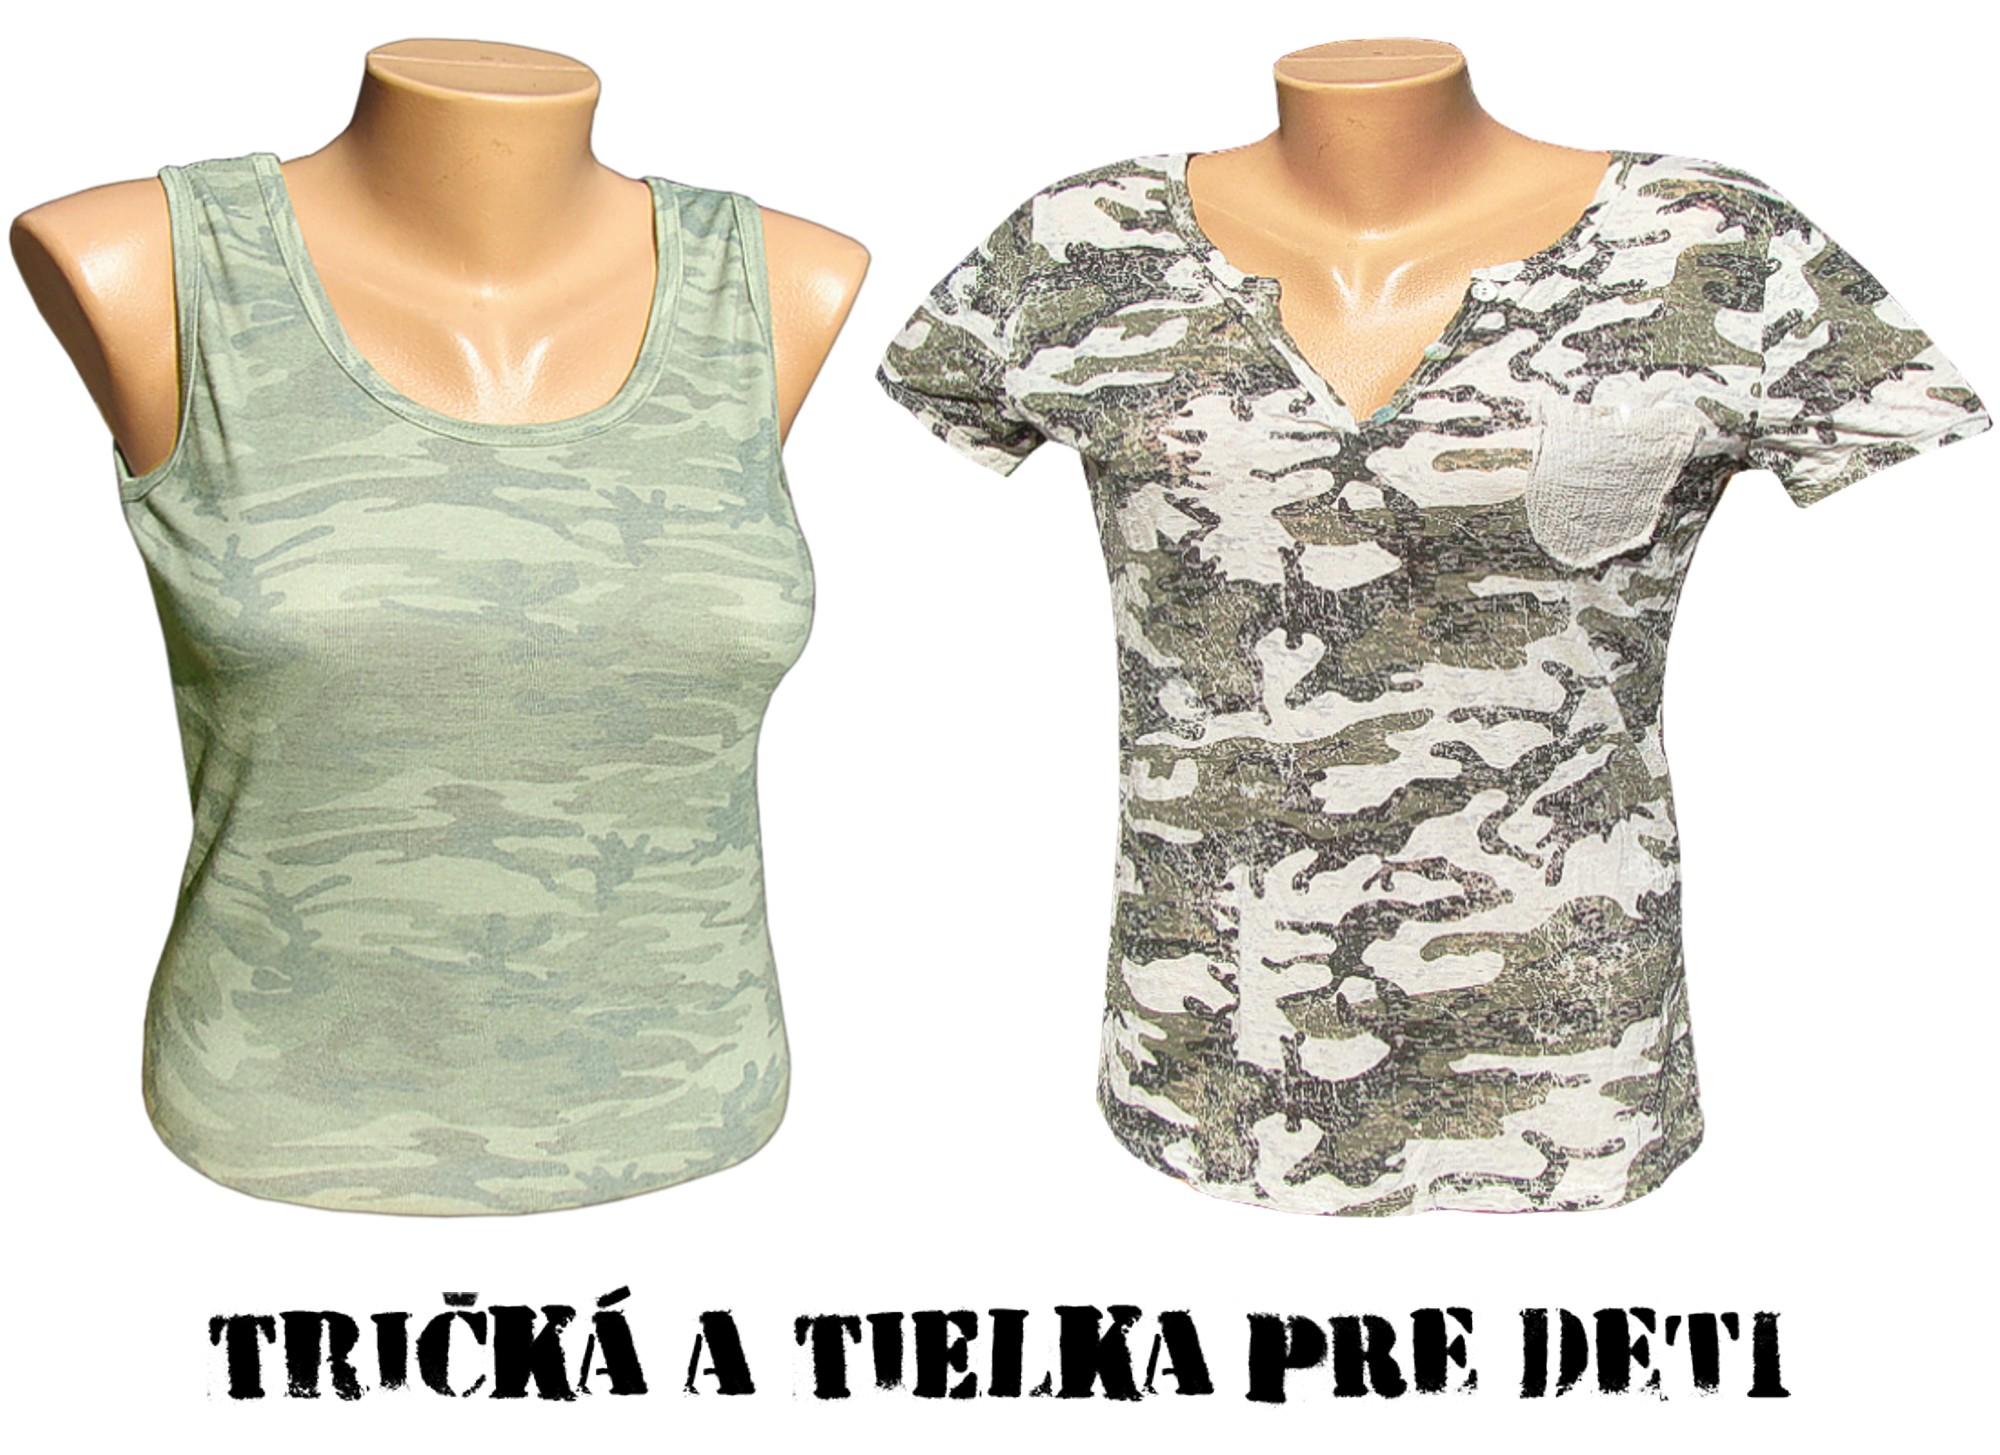 5b61eb7a2baa Dámske maskáčové tričká a tielka sú najlacnejšie z armyshopu Nitra